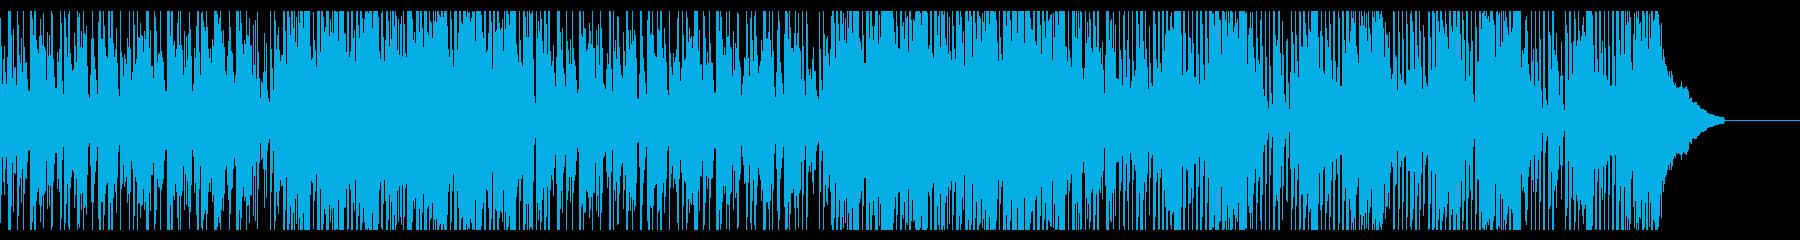 コミカルでファンキーなテンポのよい和風曲の再生済みの波形